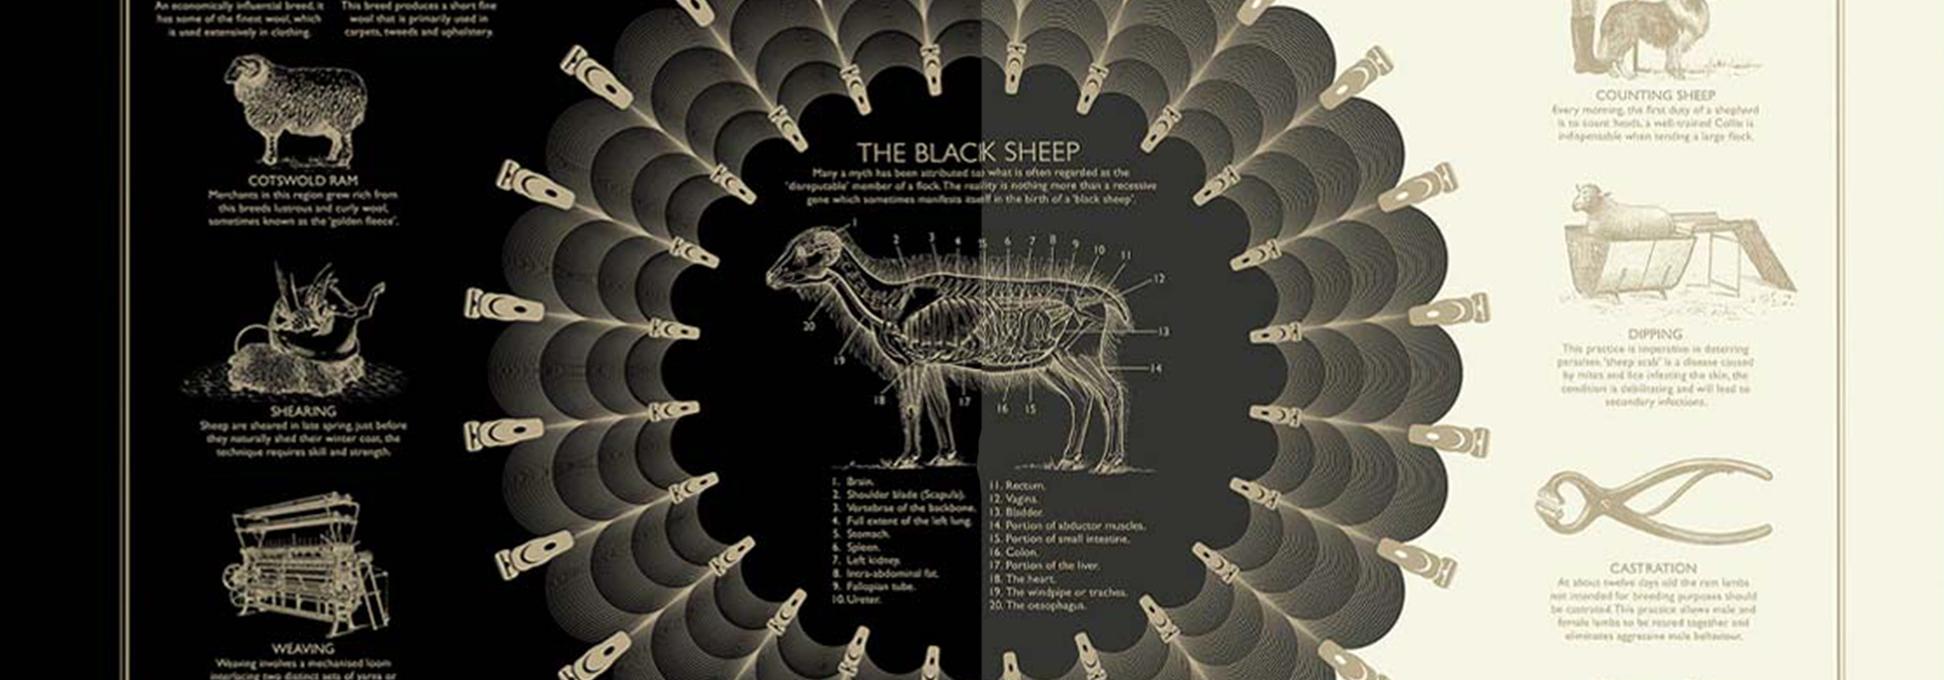 blacksheep_artical_banner